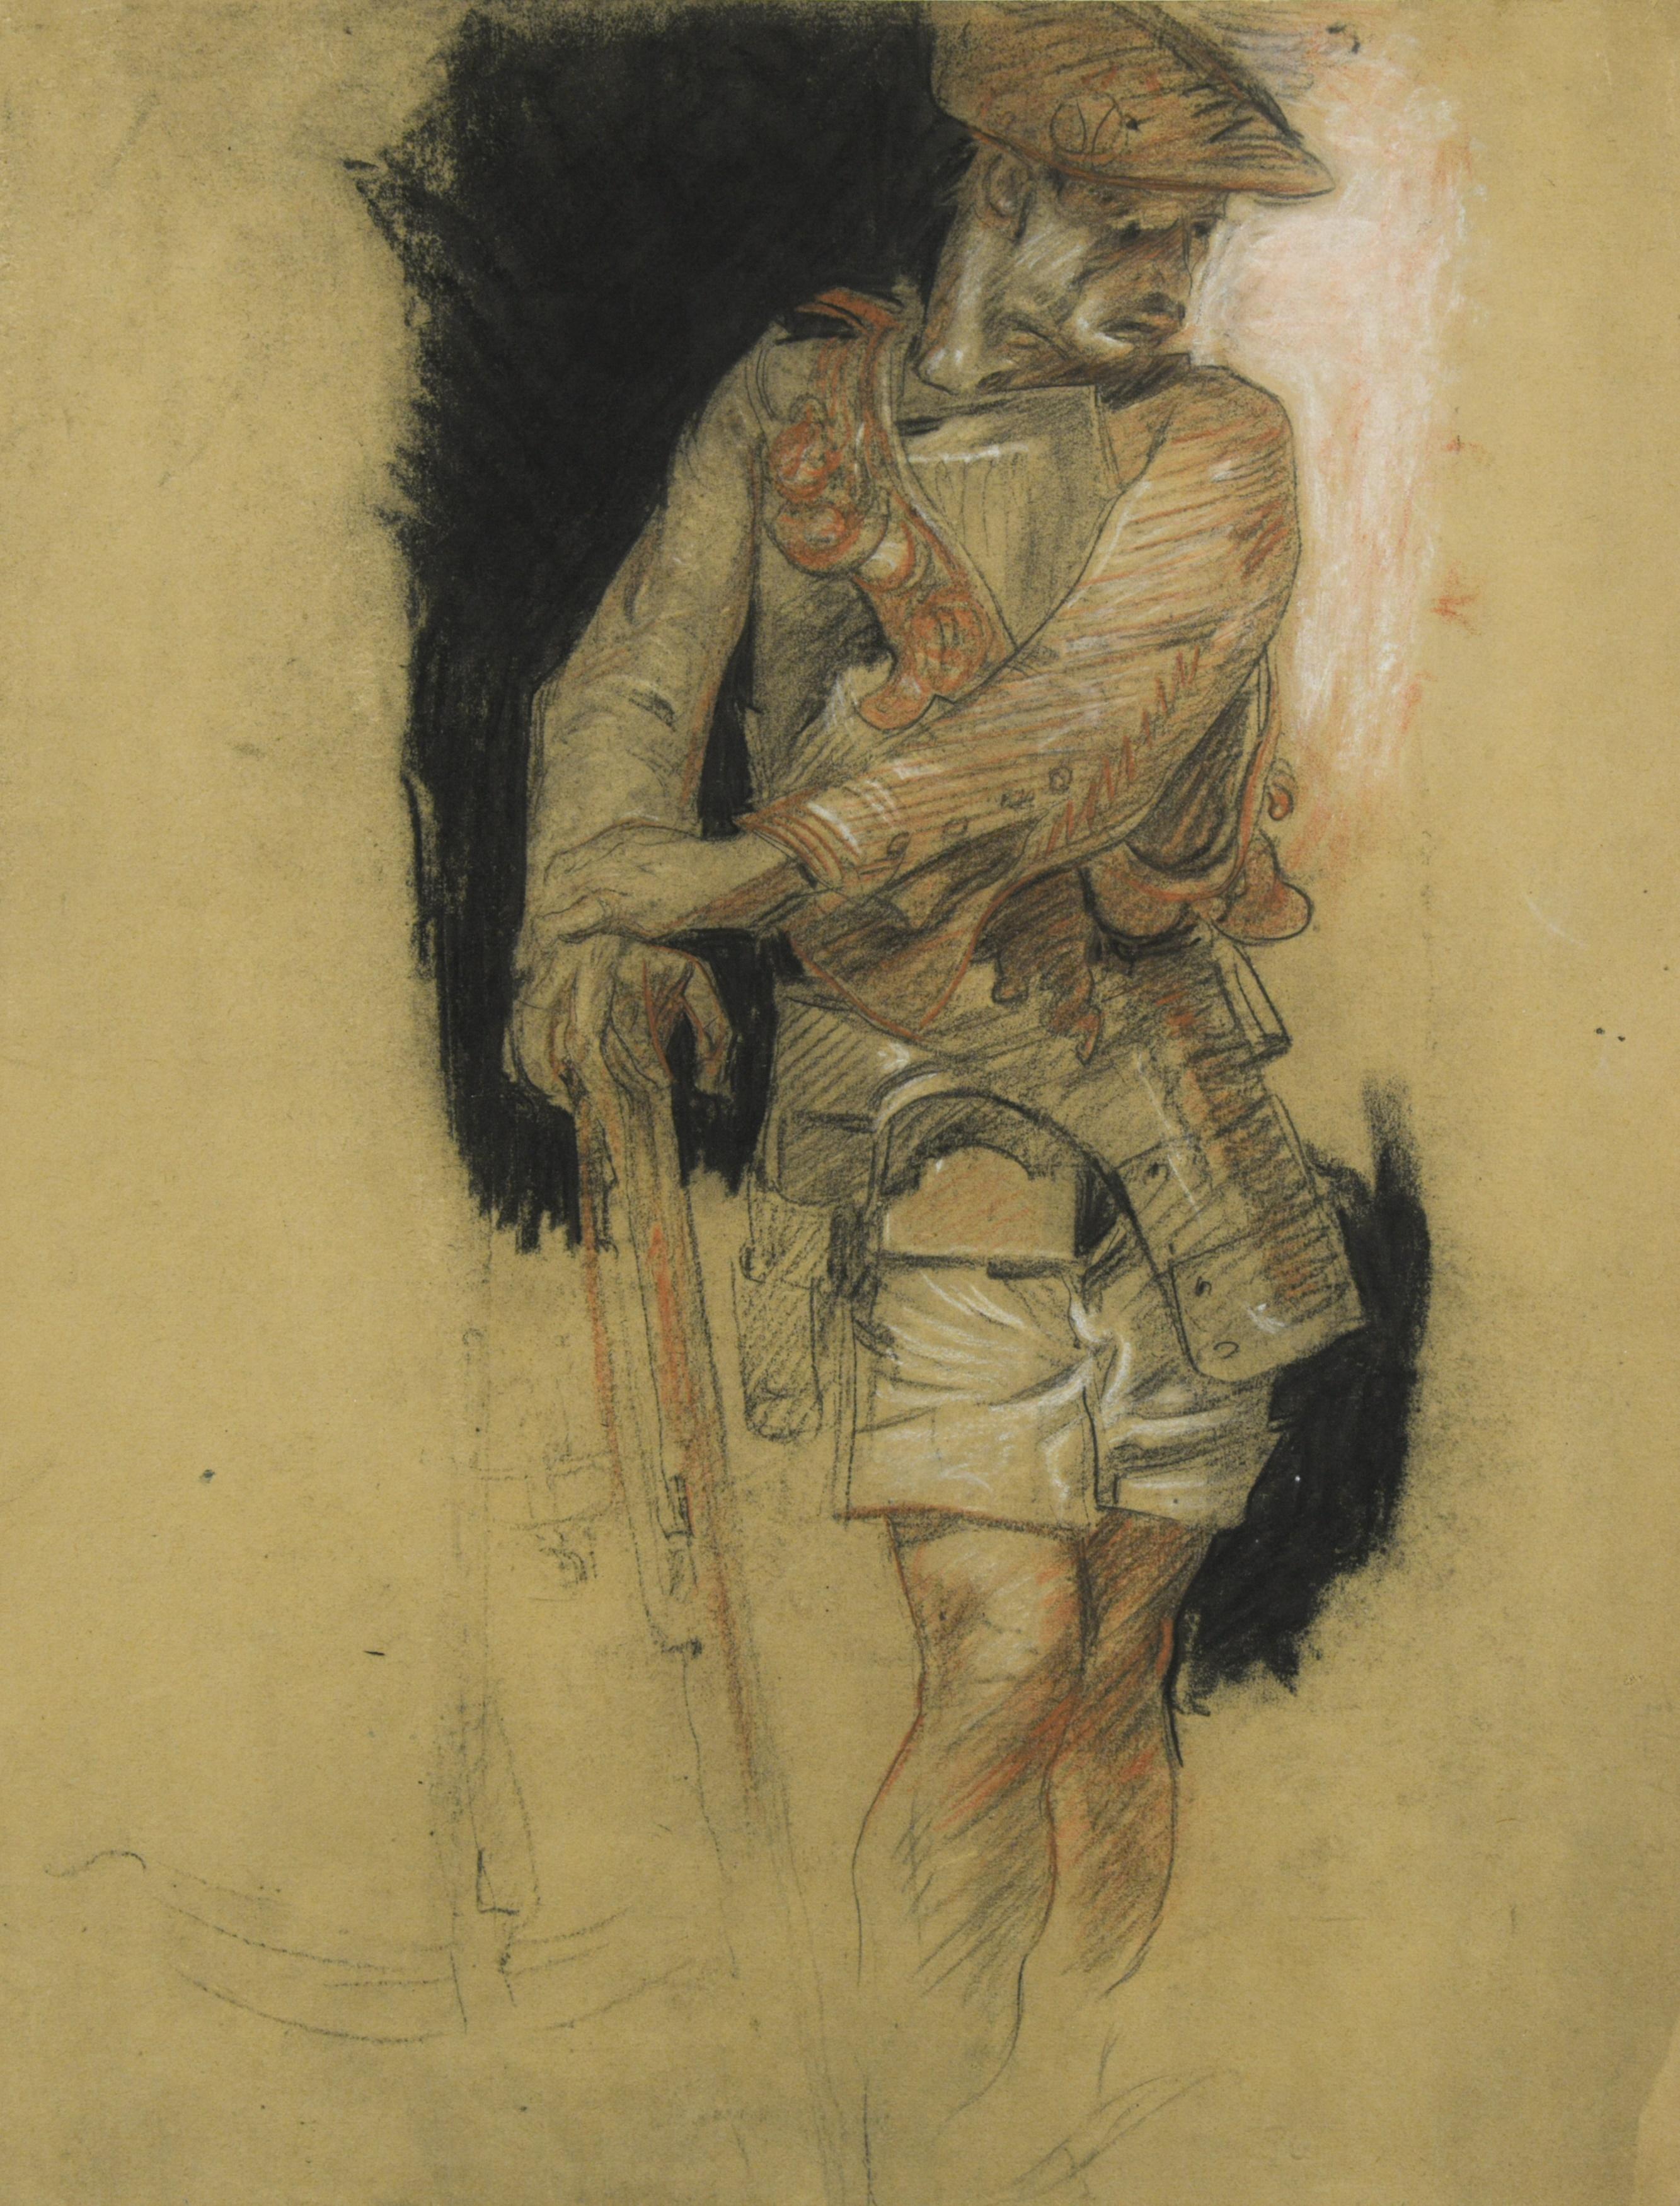 § Sir Frank Brangwyn RA RWS RBA (Welsh 1867-1956) - Image 3 of 3